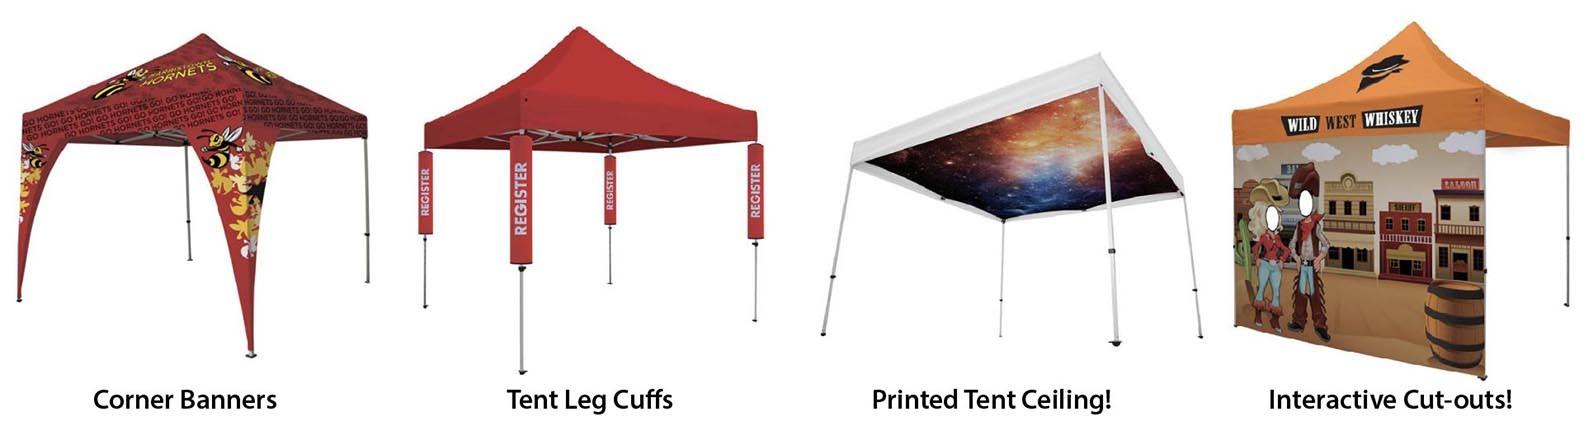 design a custom event tent